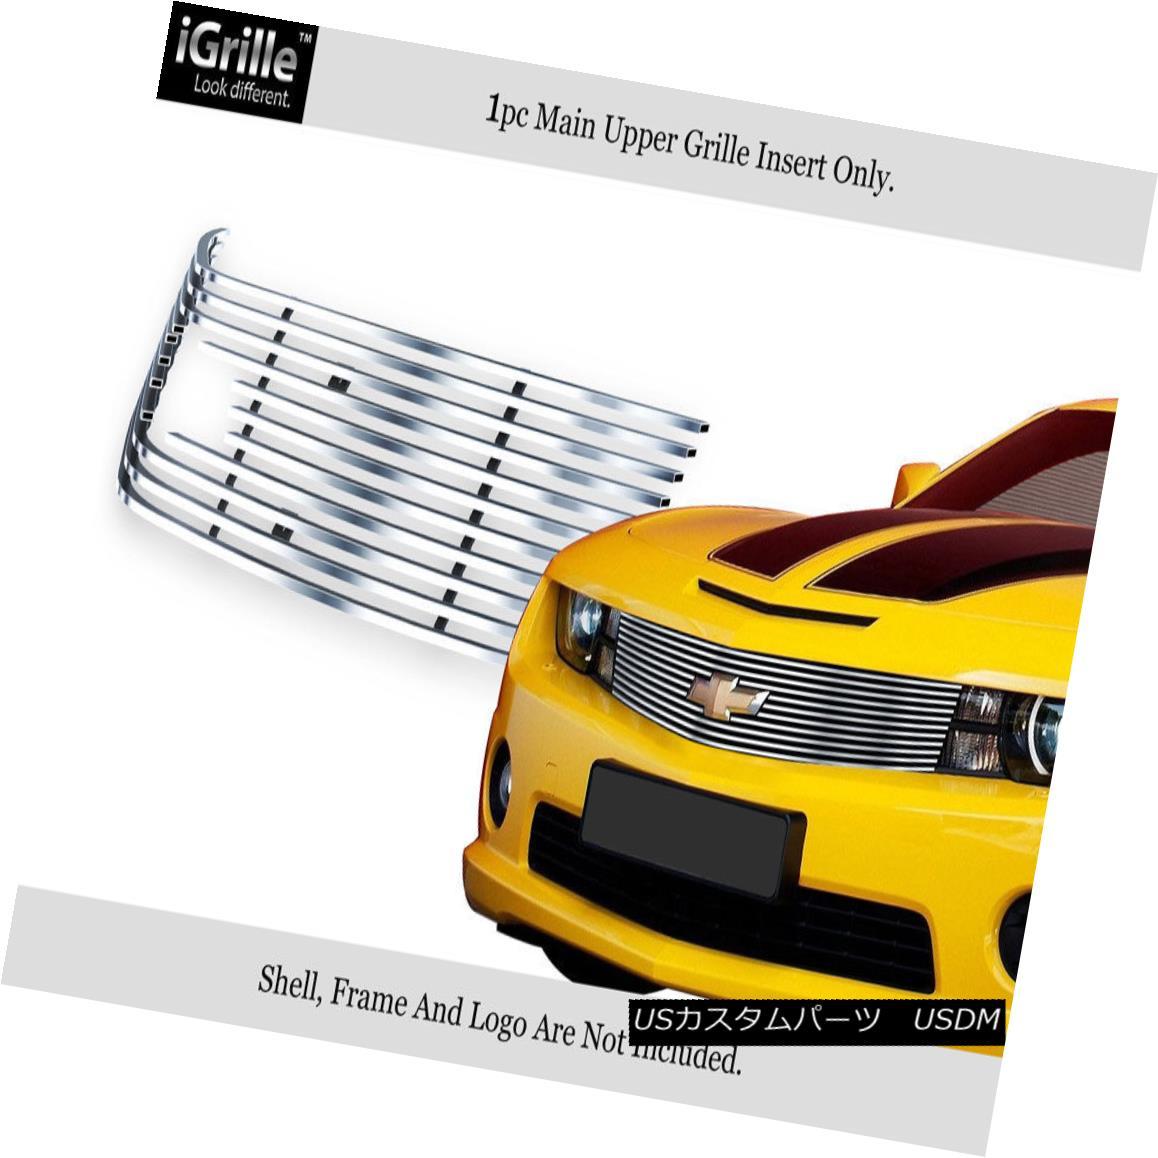 グリル Fits 2010-2013 Chevy Camaro w/logo show Stianless Steel Billet Grille フィット2010年?2013年シボレーカマロロゴショーステンレス鋼ビレットグリル